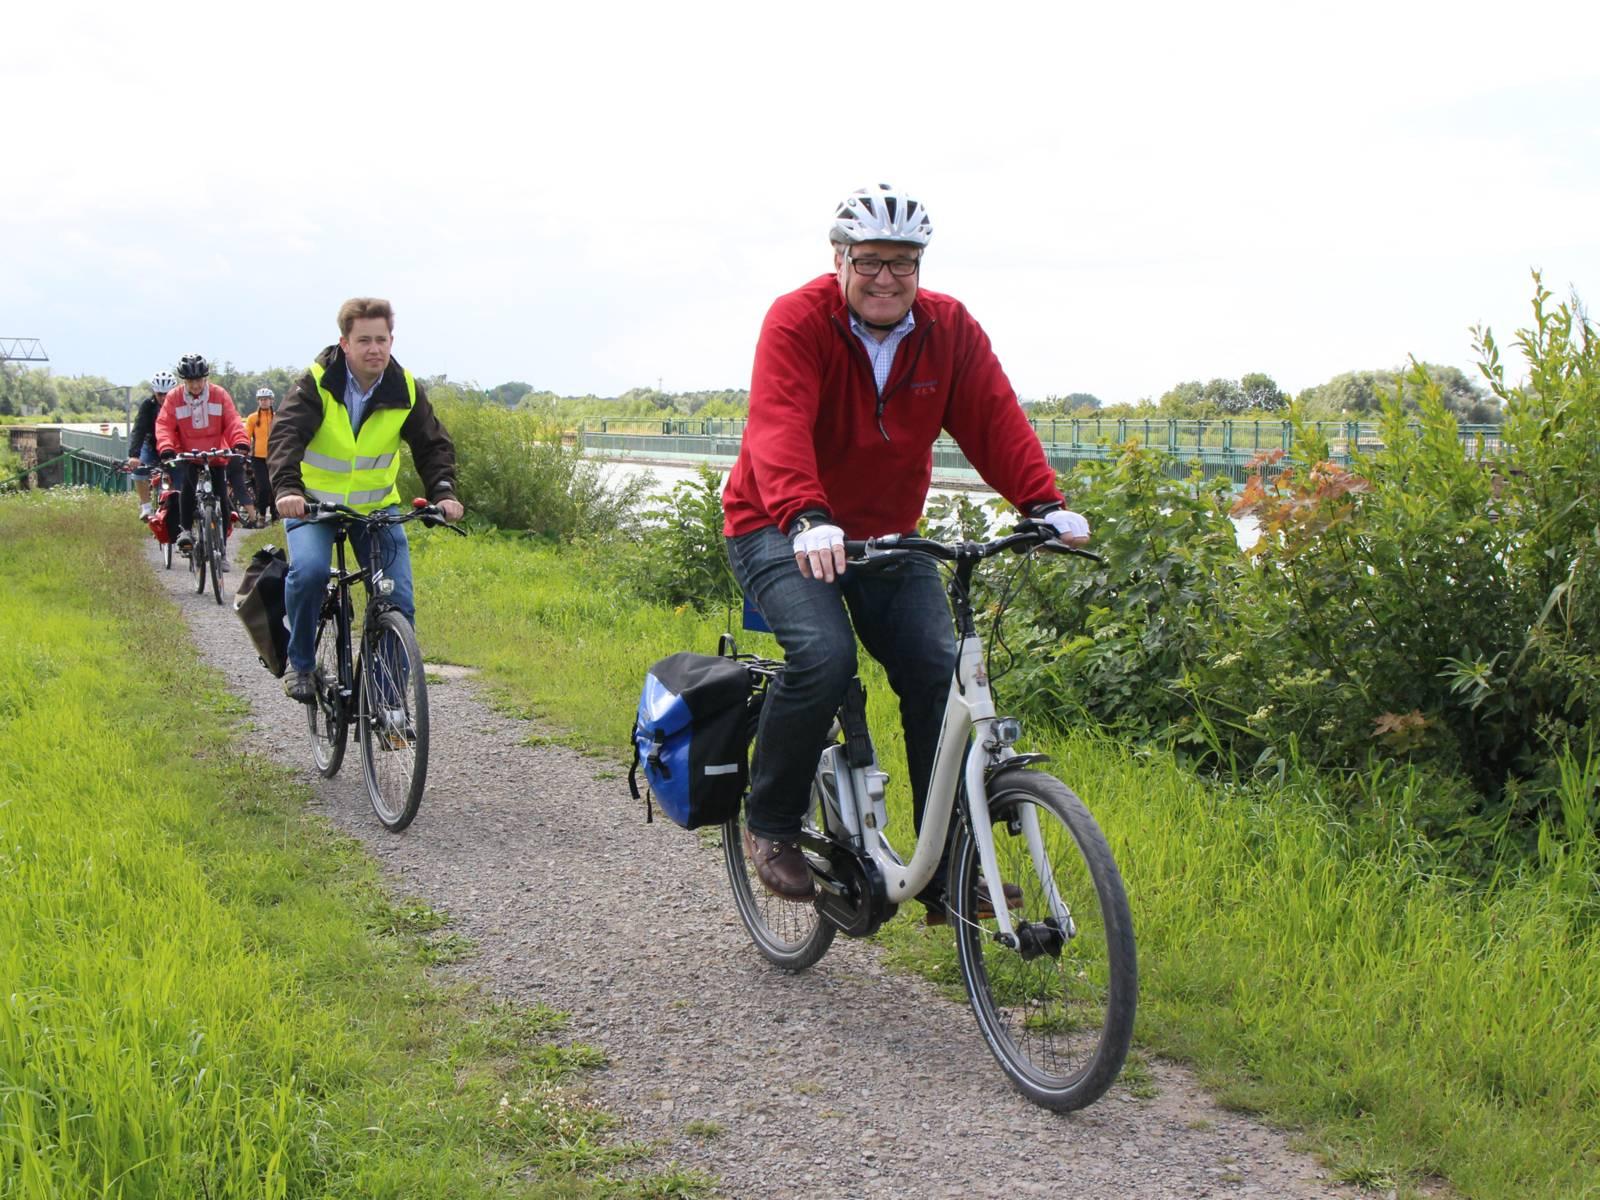 Eine Gruppe von Radfahrern fährt hintereinander auf einem Schotterweg im Grünen, im Hintergrund ist ein Kanal zu sehen.